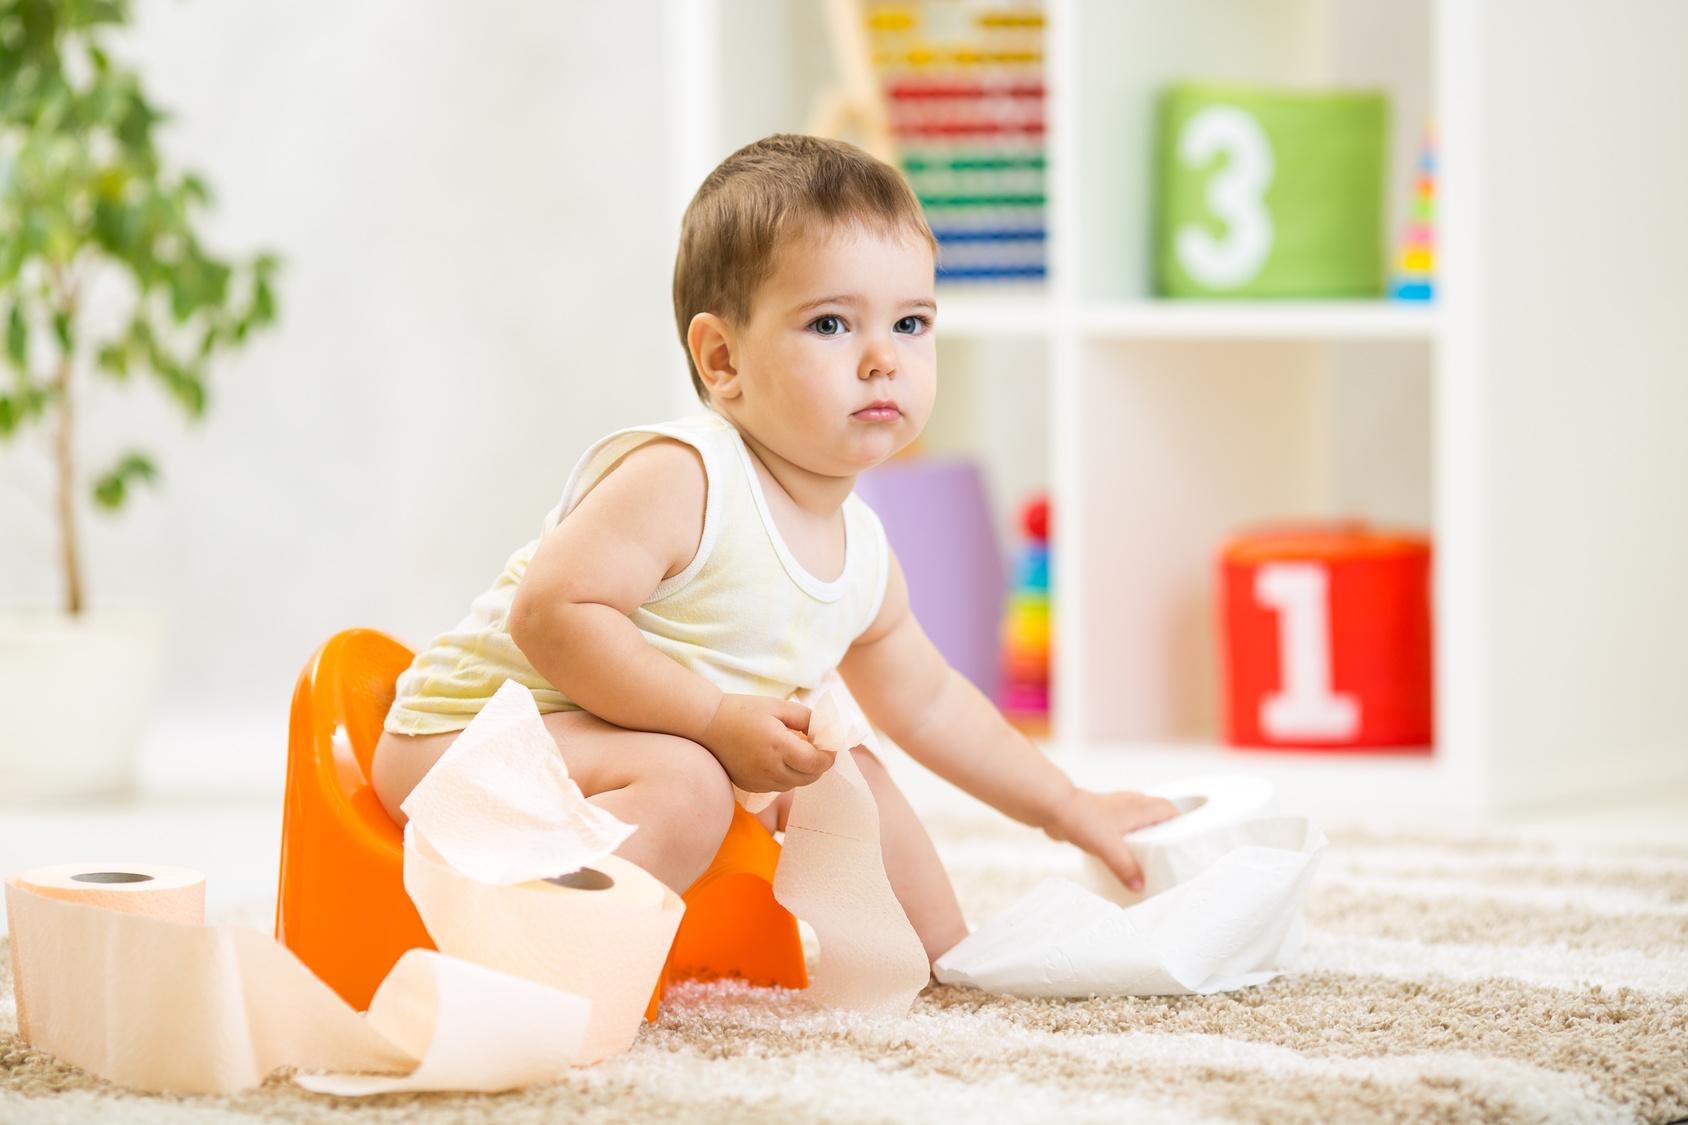 Krew w kupce niemowlaka - co oznacza?